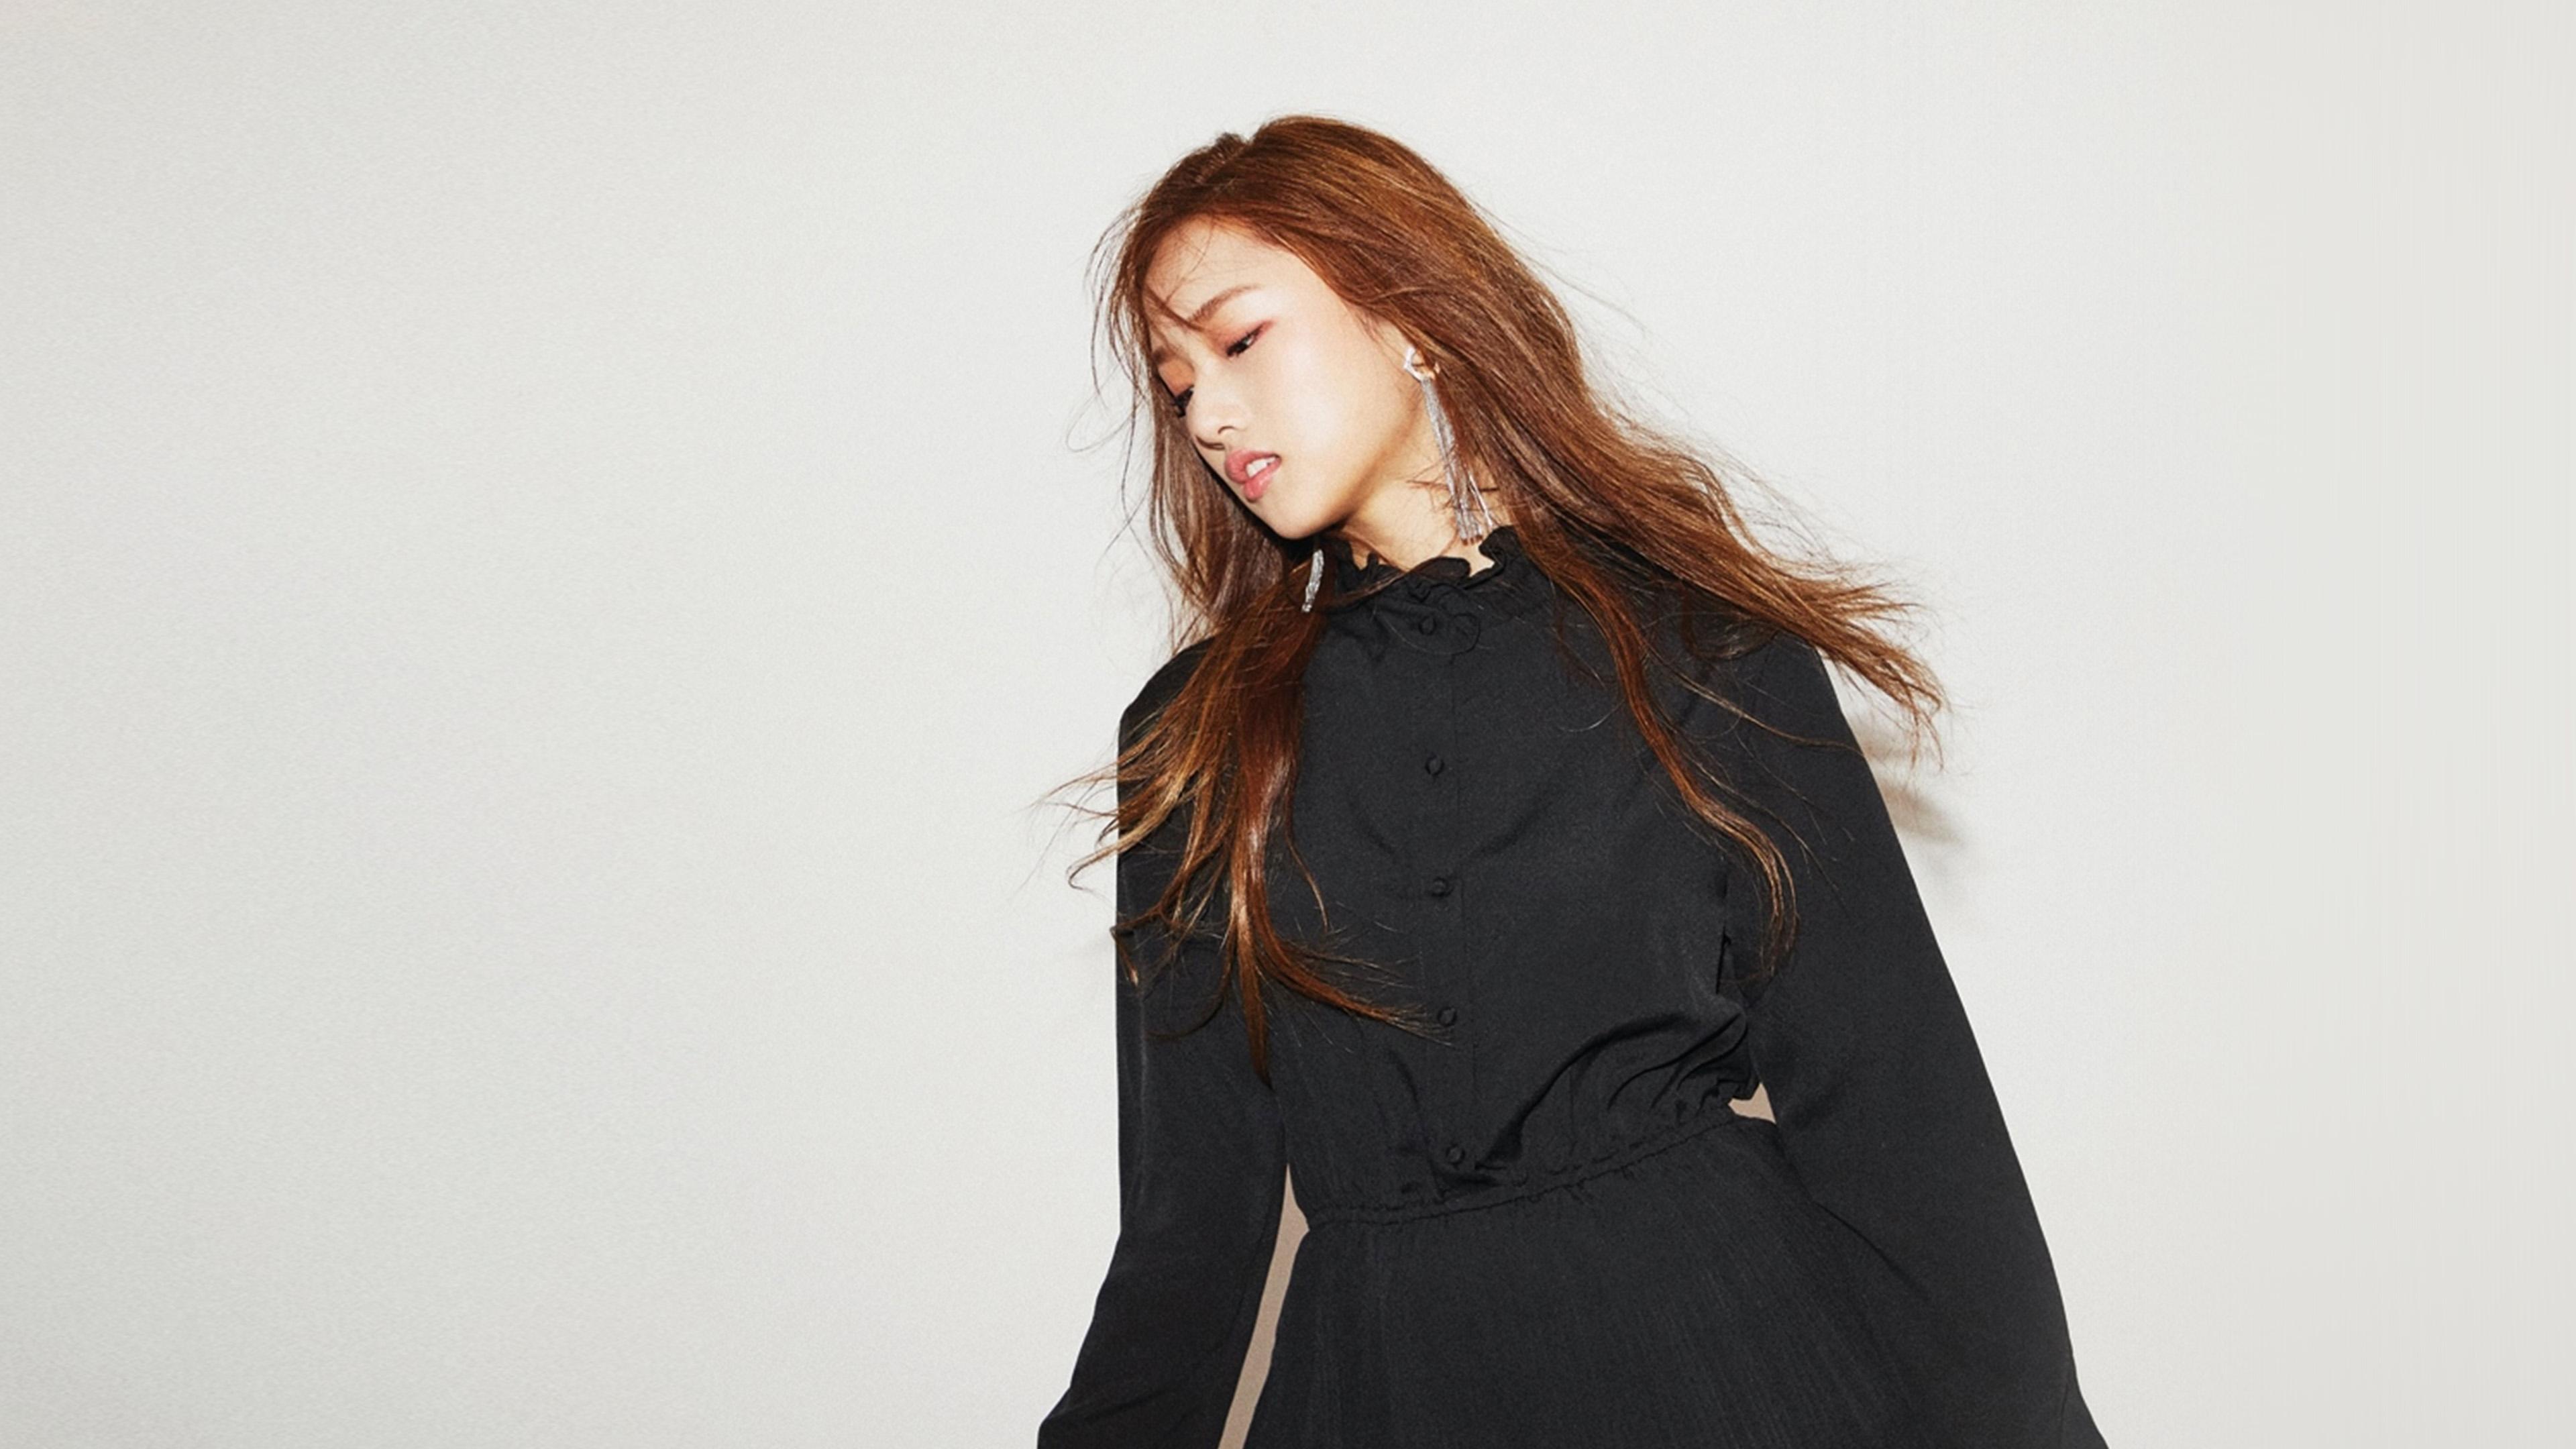 Hp34-cute-asian-young-girl-wallpaper